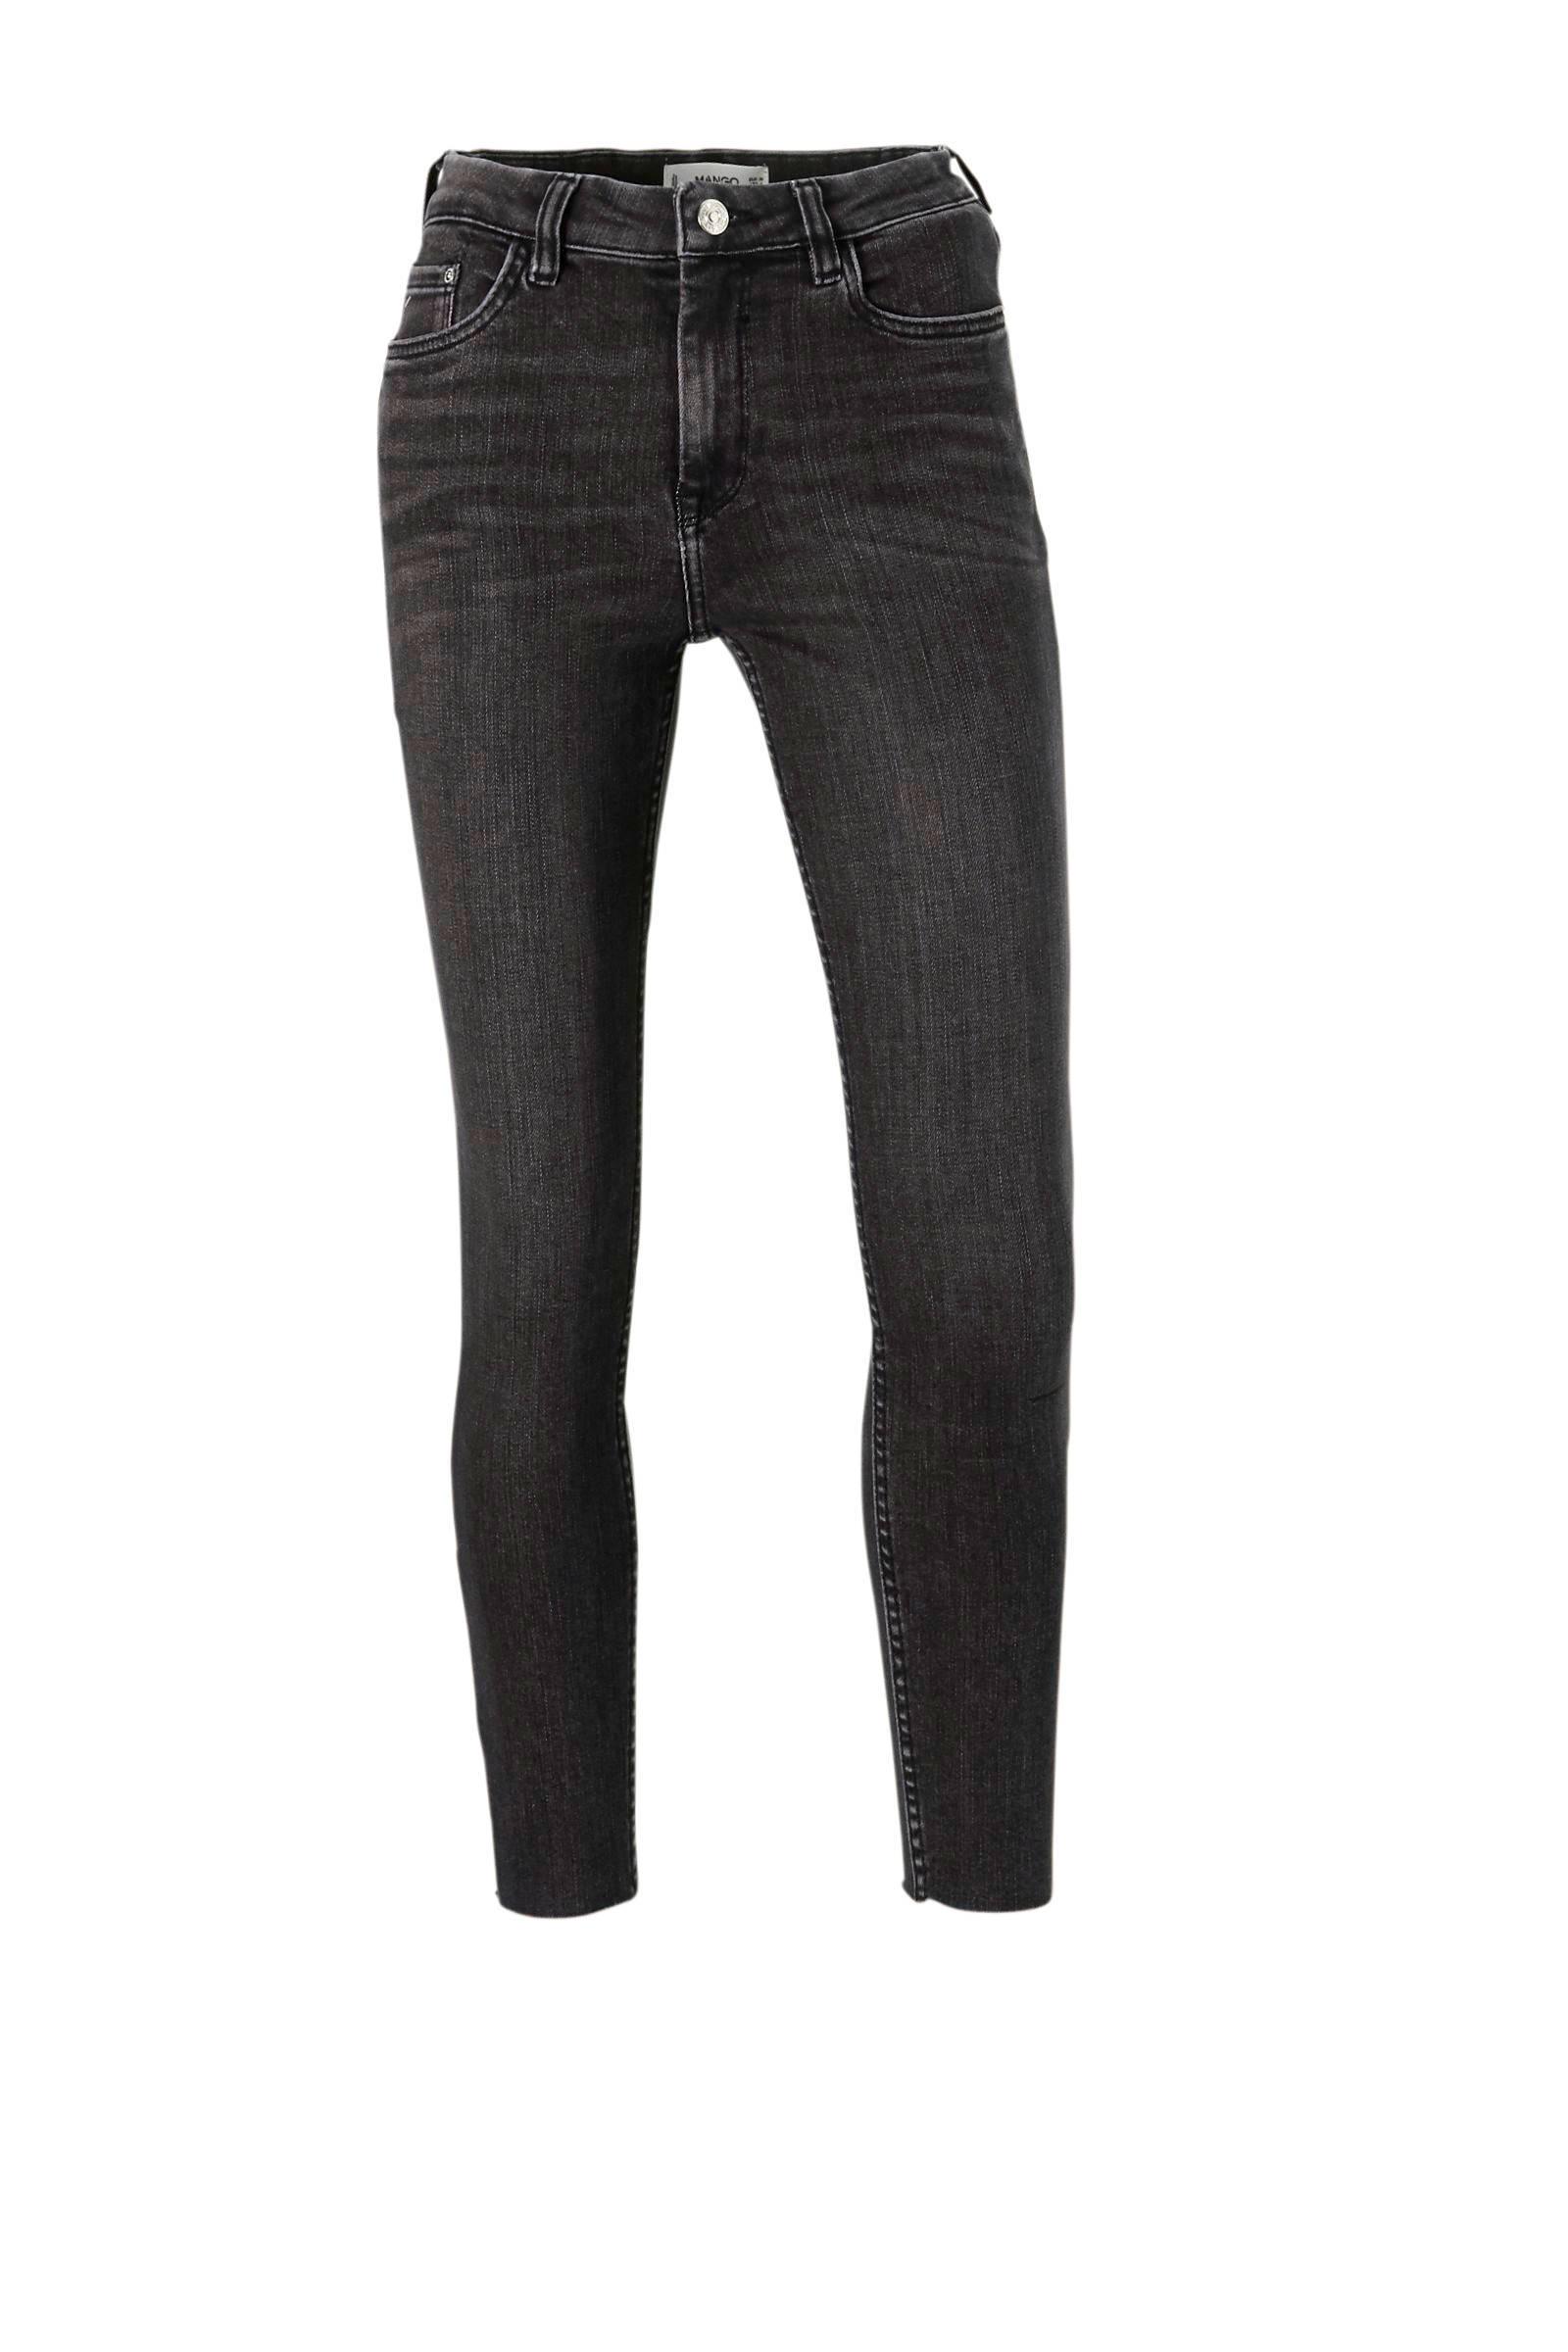 zwarte jeans dames sale